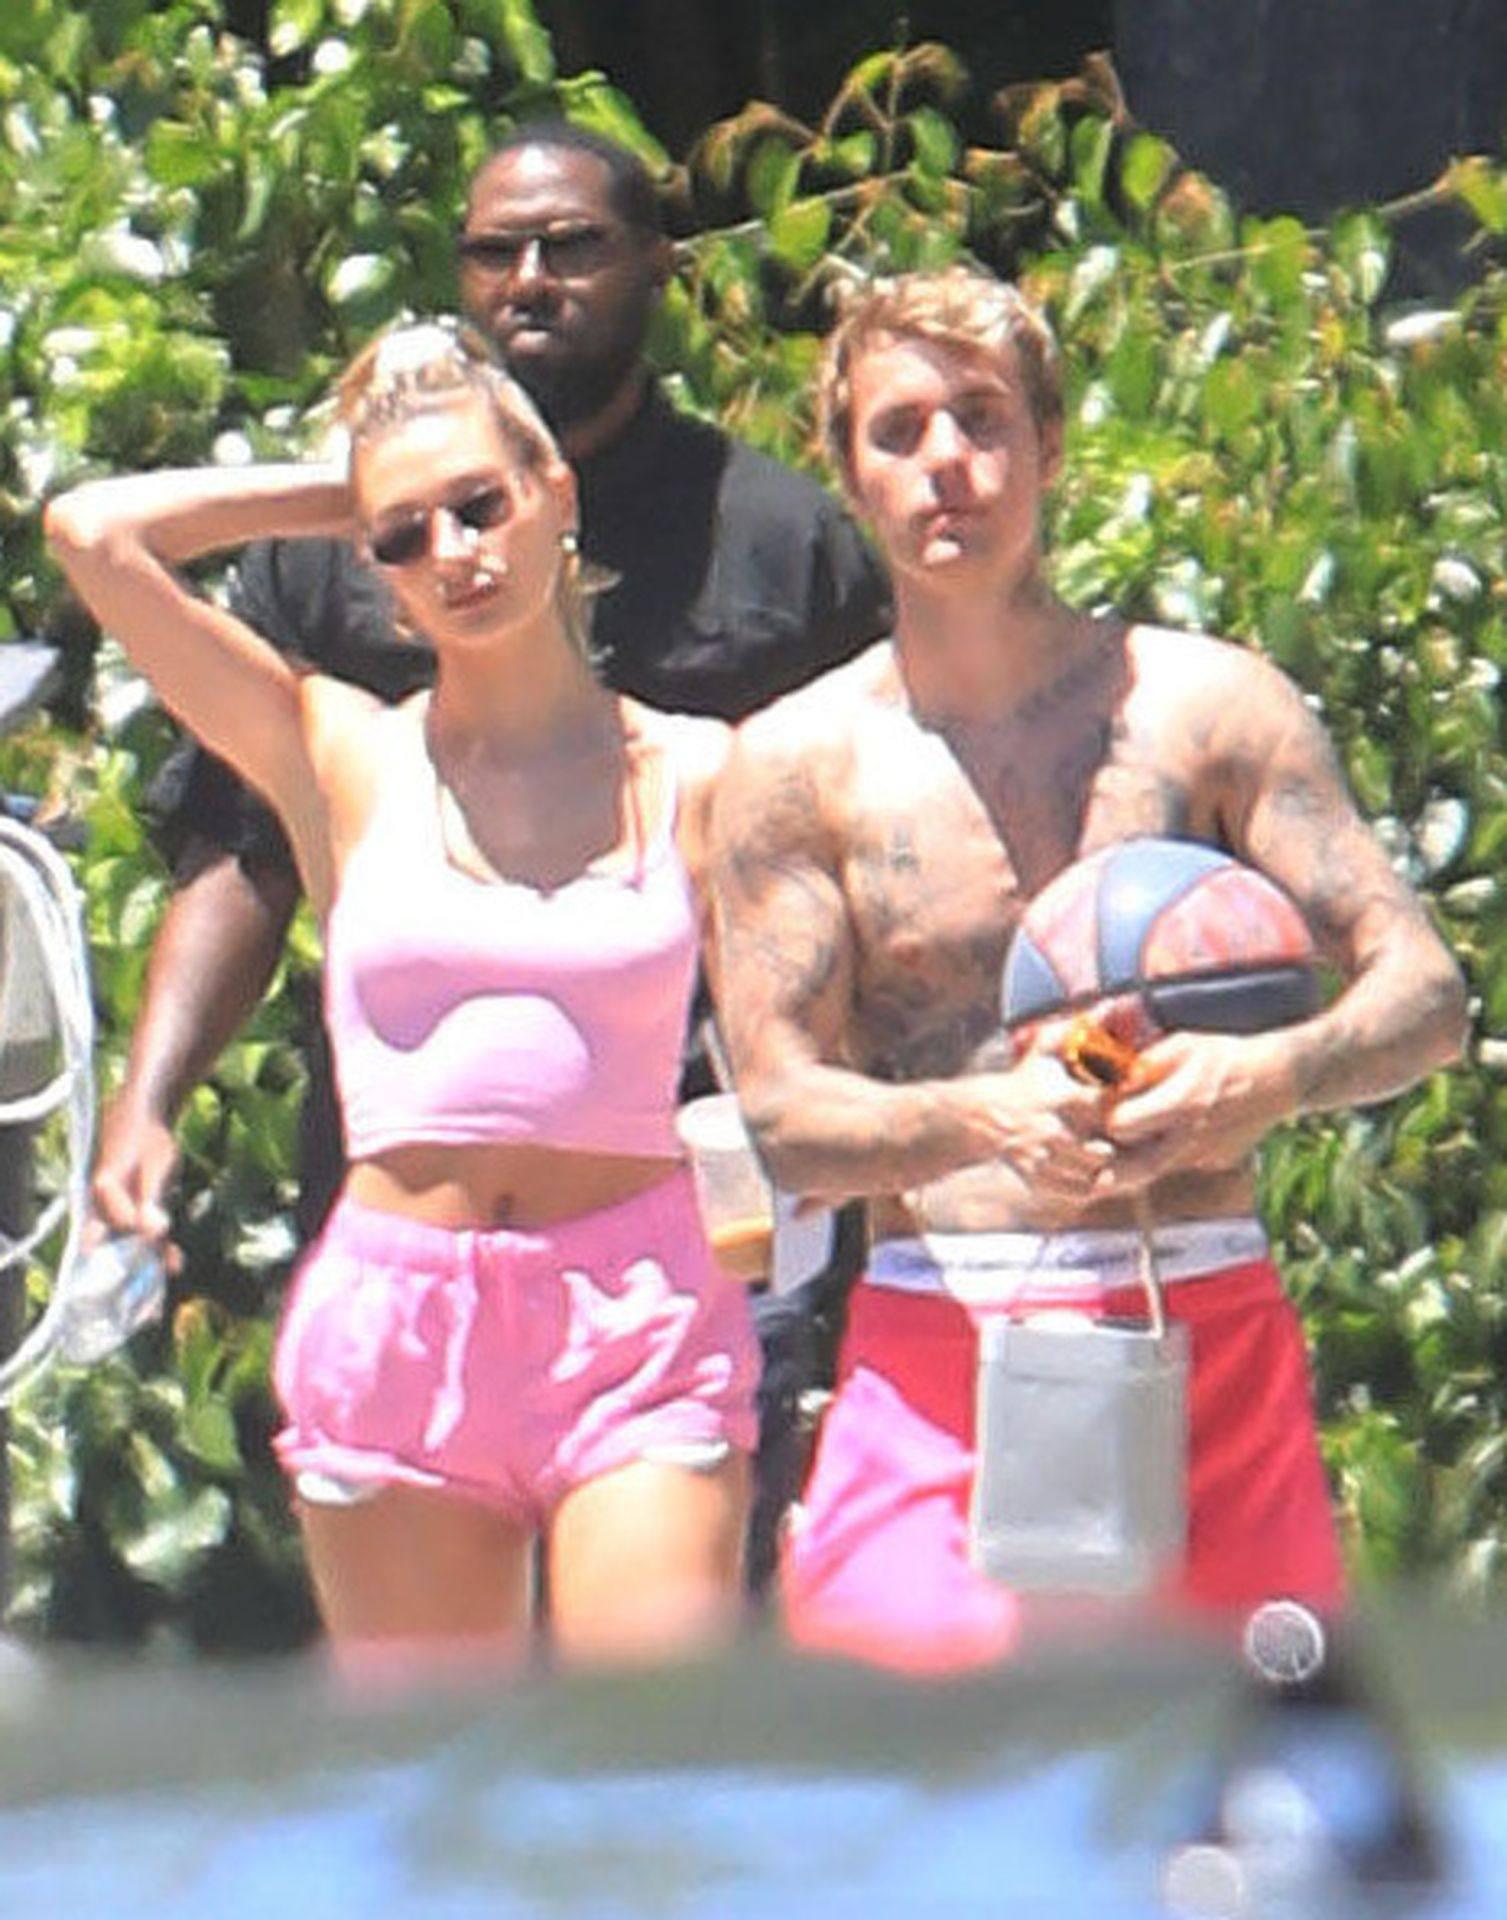 Hailey Bieber Hot Ass And Pokies